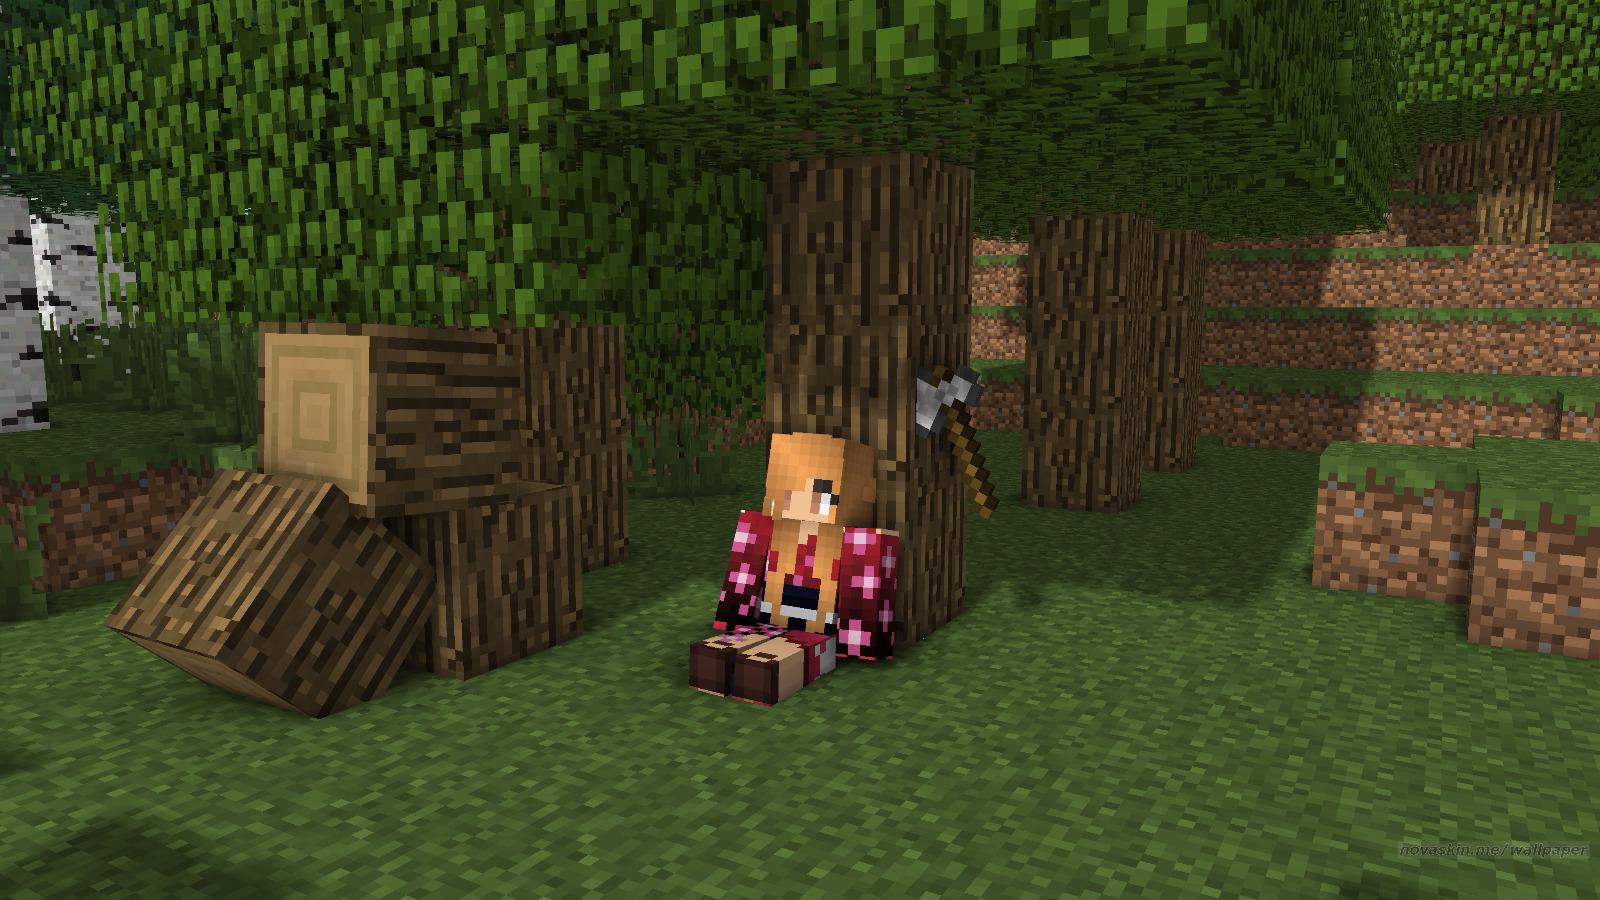 Entrevista Mundo-Minecraft: Darksoul1316